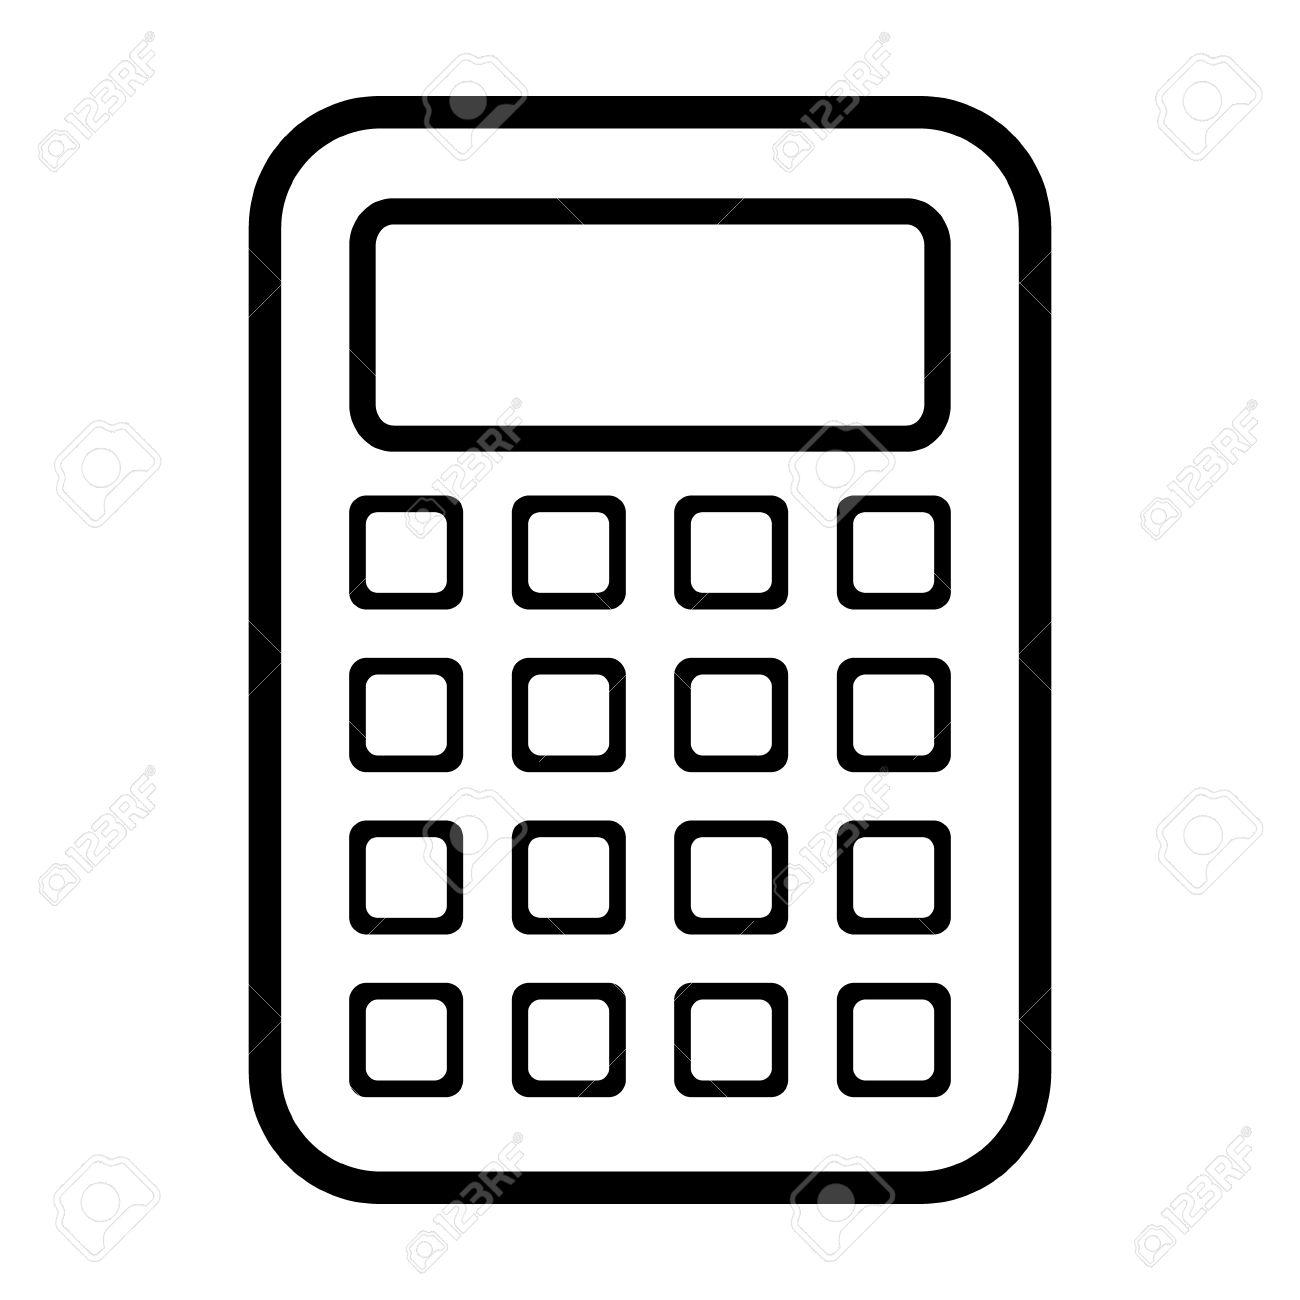 Taschenrechner Symbol Auf Weißem Hintergrund Lizenzfrei Nutzbare